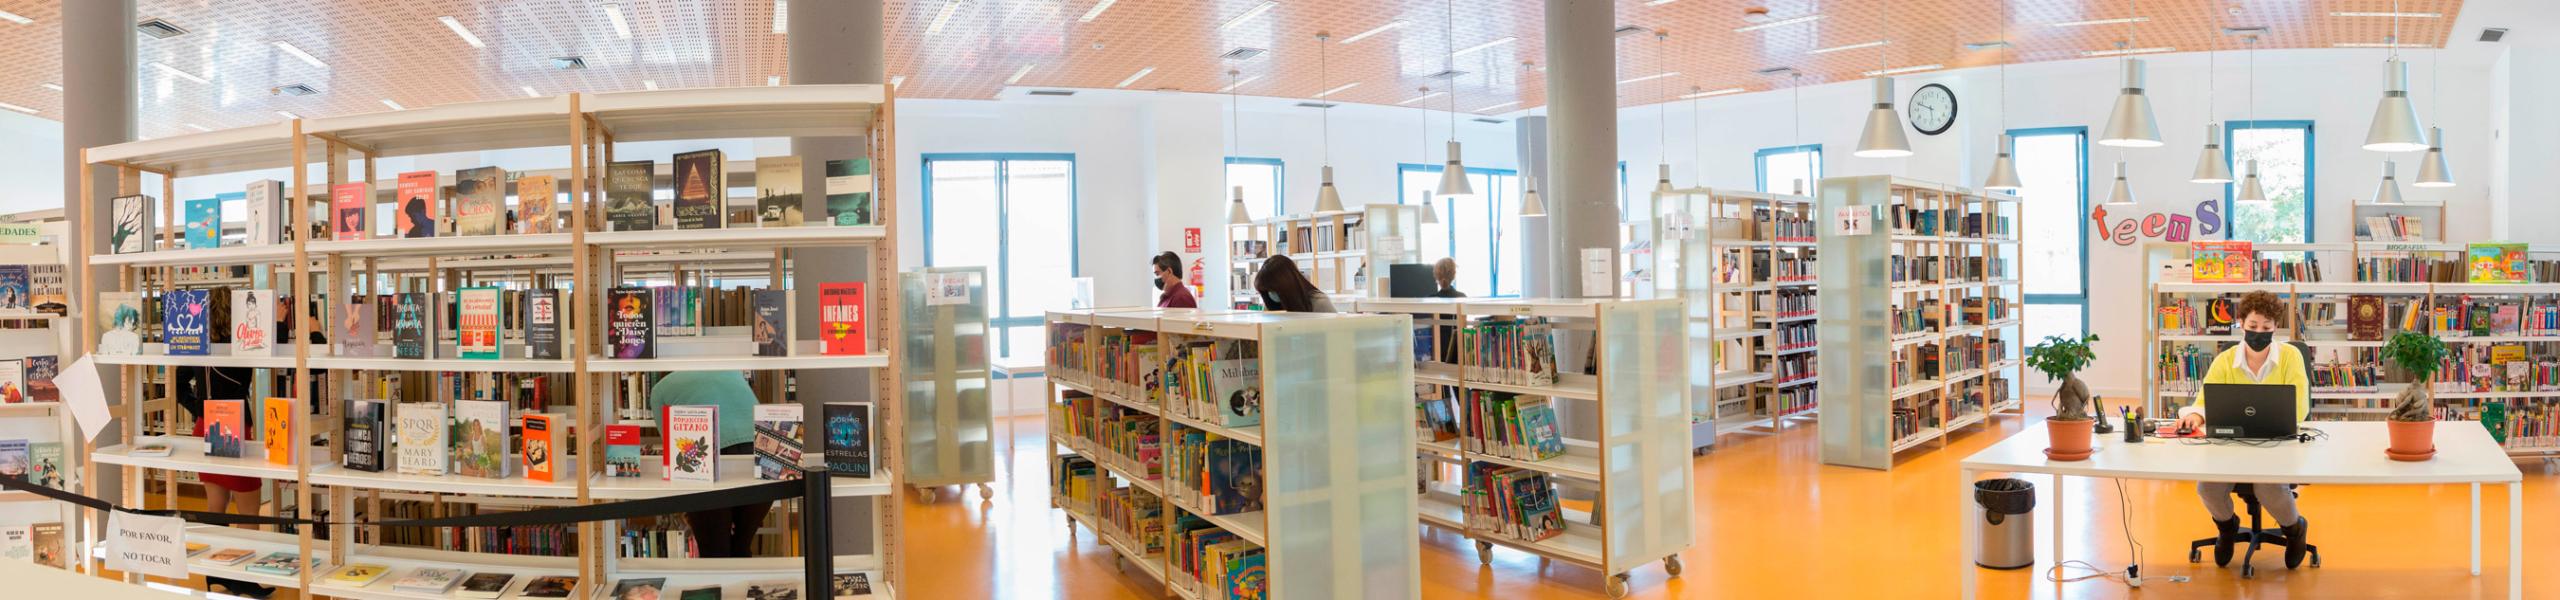 """Biblioteca Pública Municipal de Alhaurín de la Torre """"Antonio Garrido Moraga"""""""